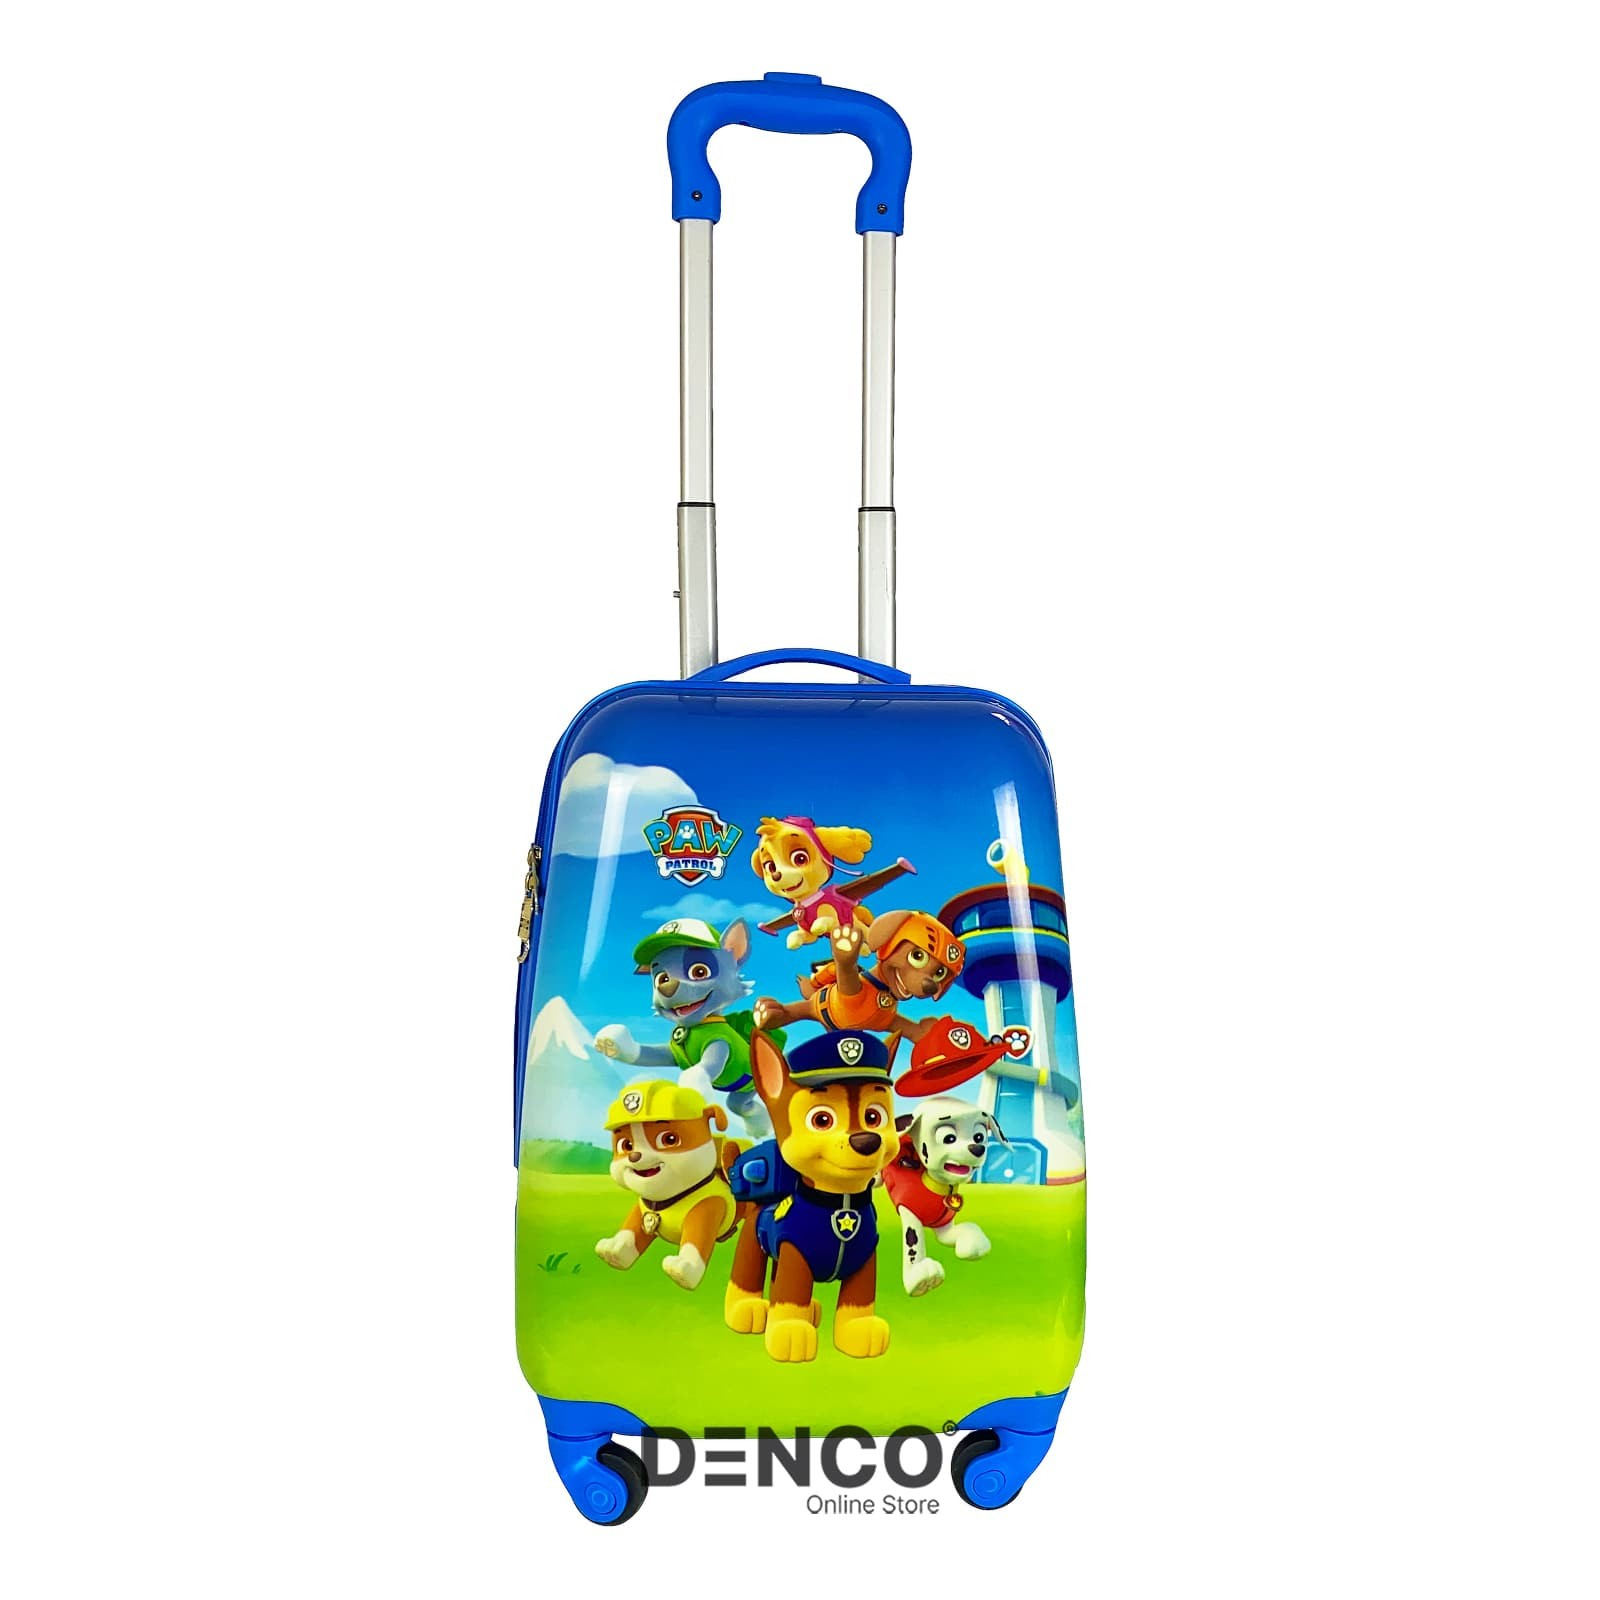 Детский чемодан Щенячий патруль (Paw Patrol) S / Голубой